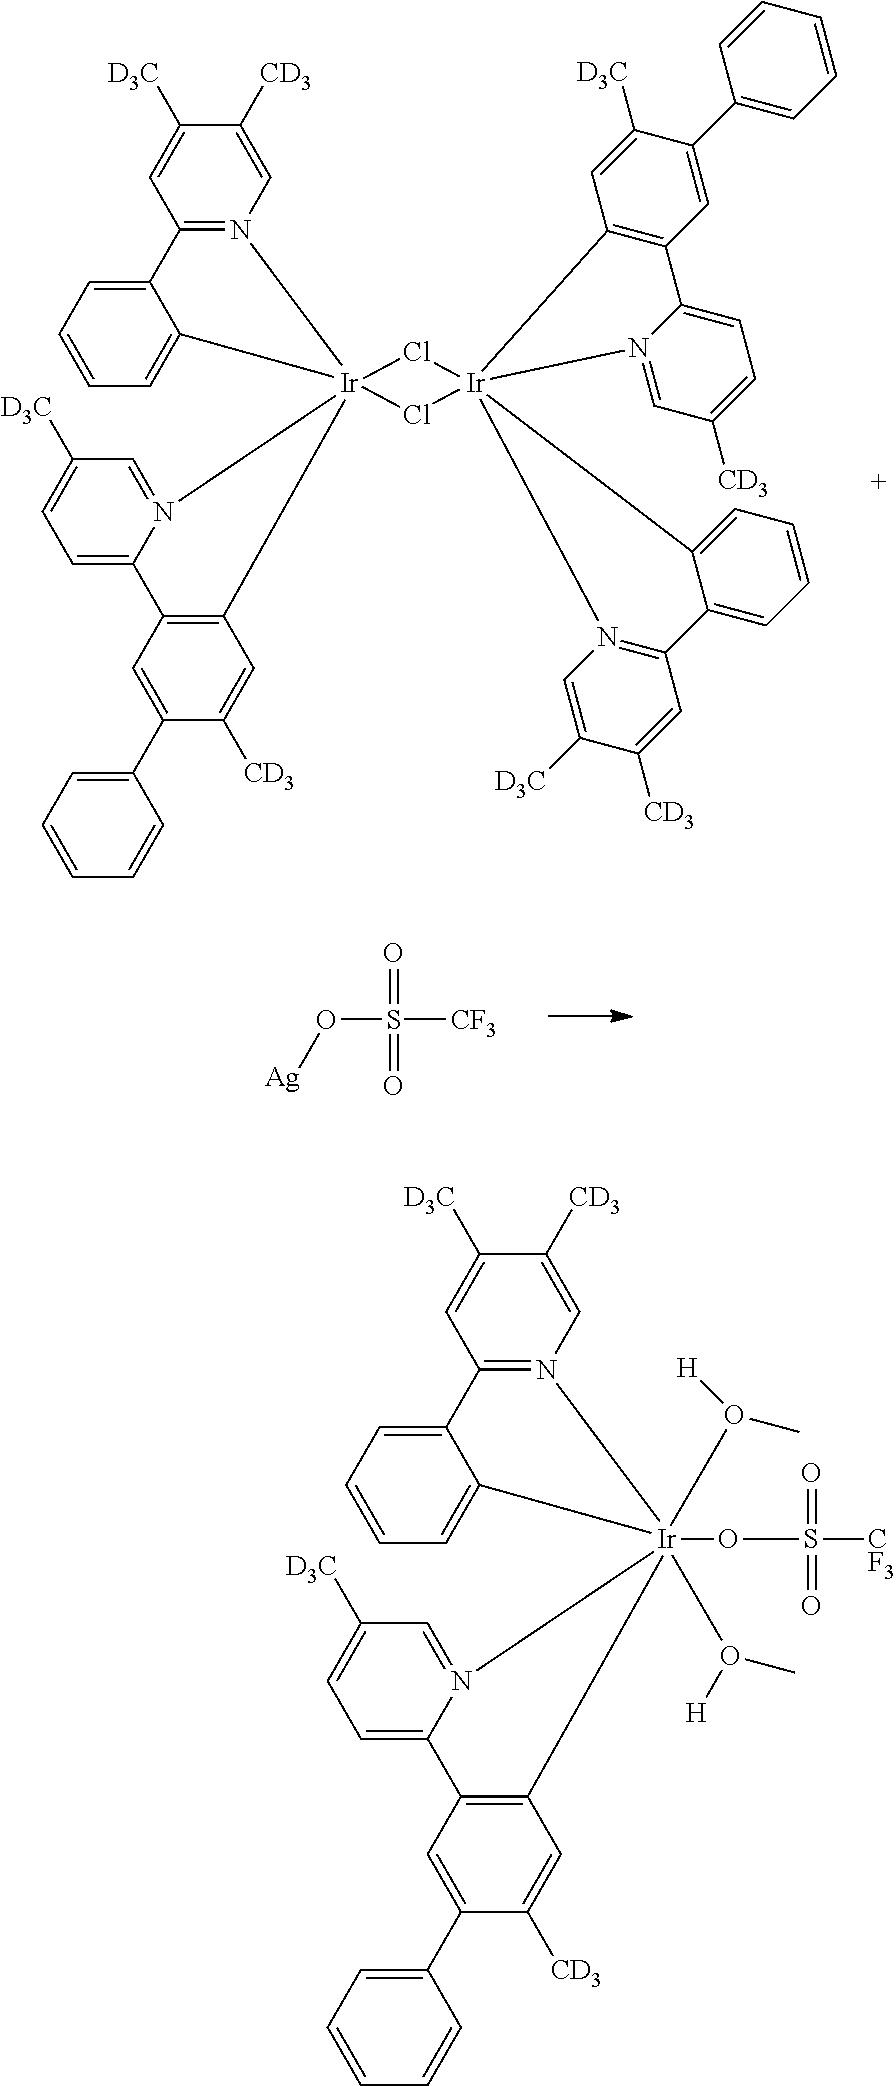 Figure US20170365801A1-20171221-C00080